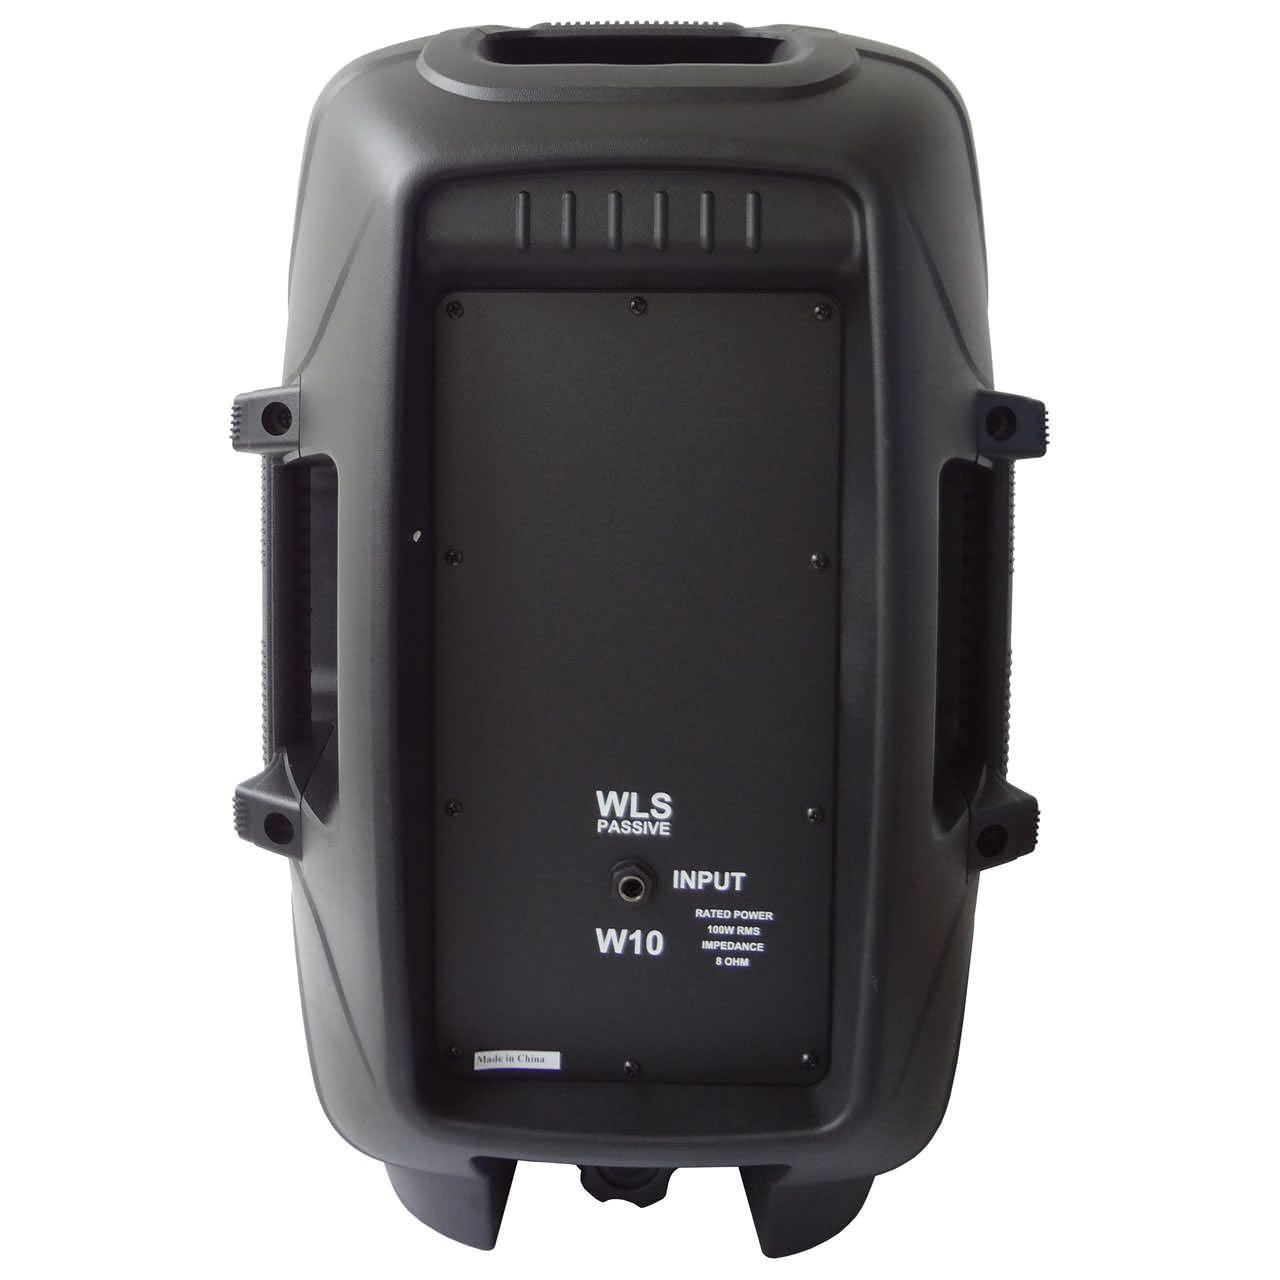 Caixa WLS W10 Passiva - BK